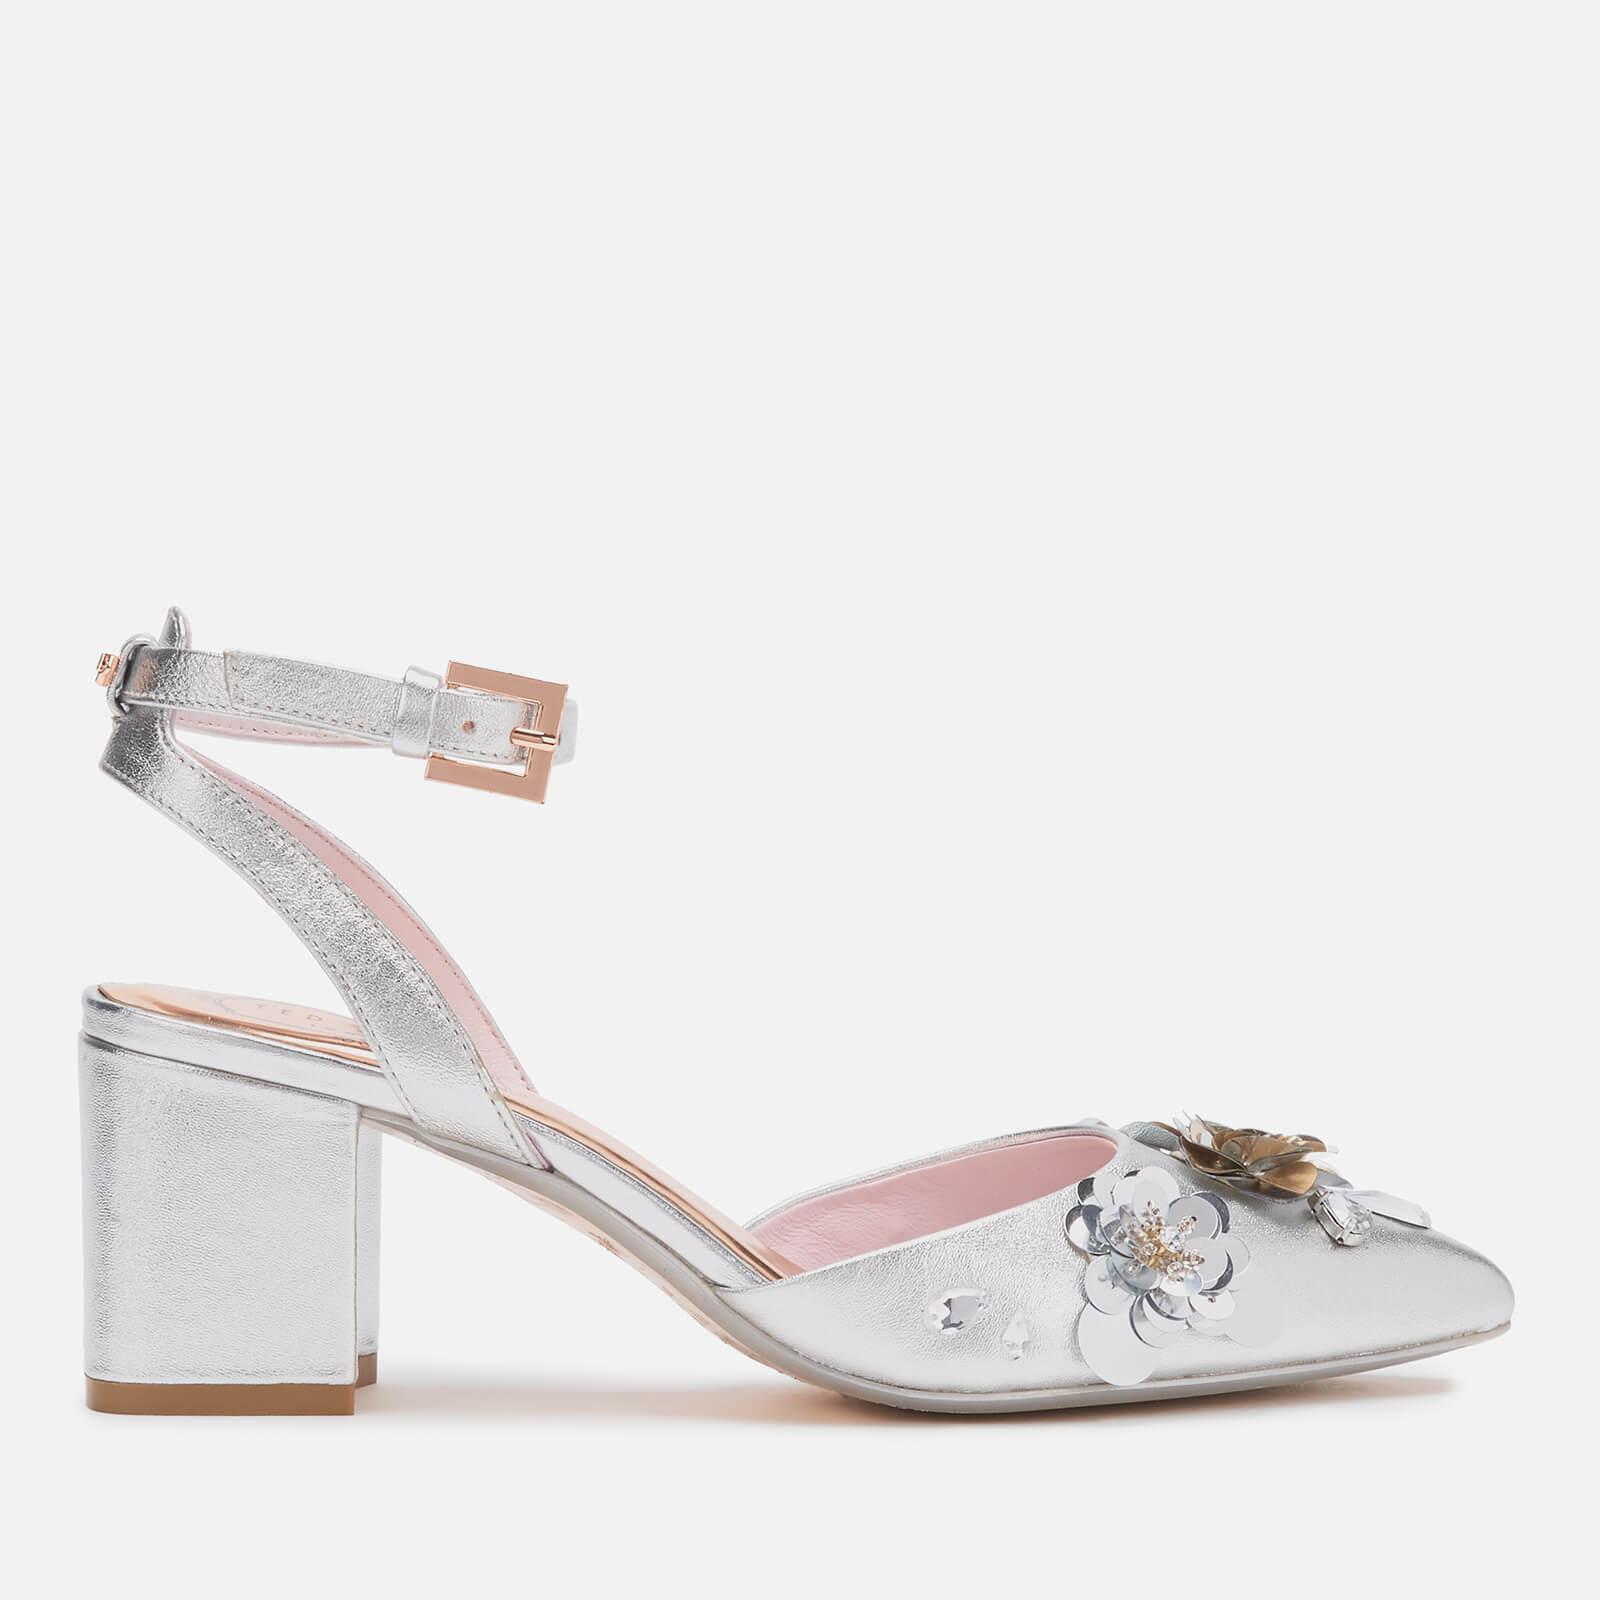 Ted Baker Women's Odesca Floral Embellished Block Heeled Sandals - Silver - UK 5